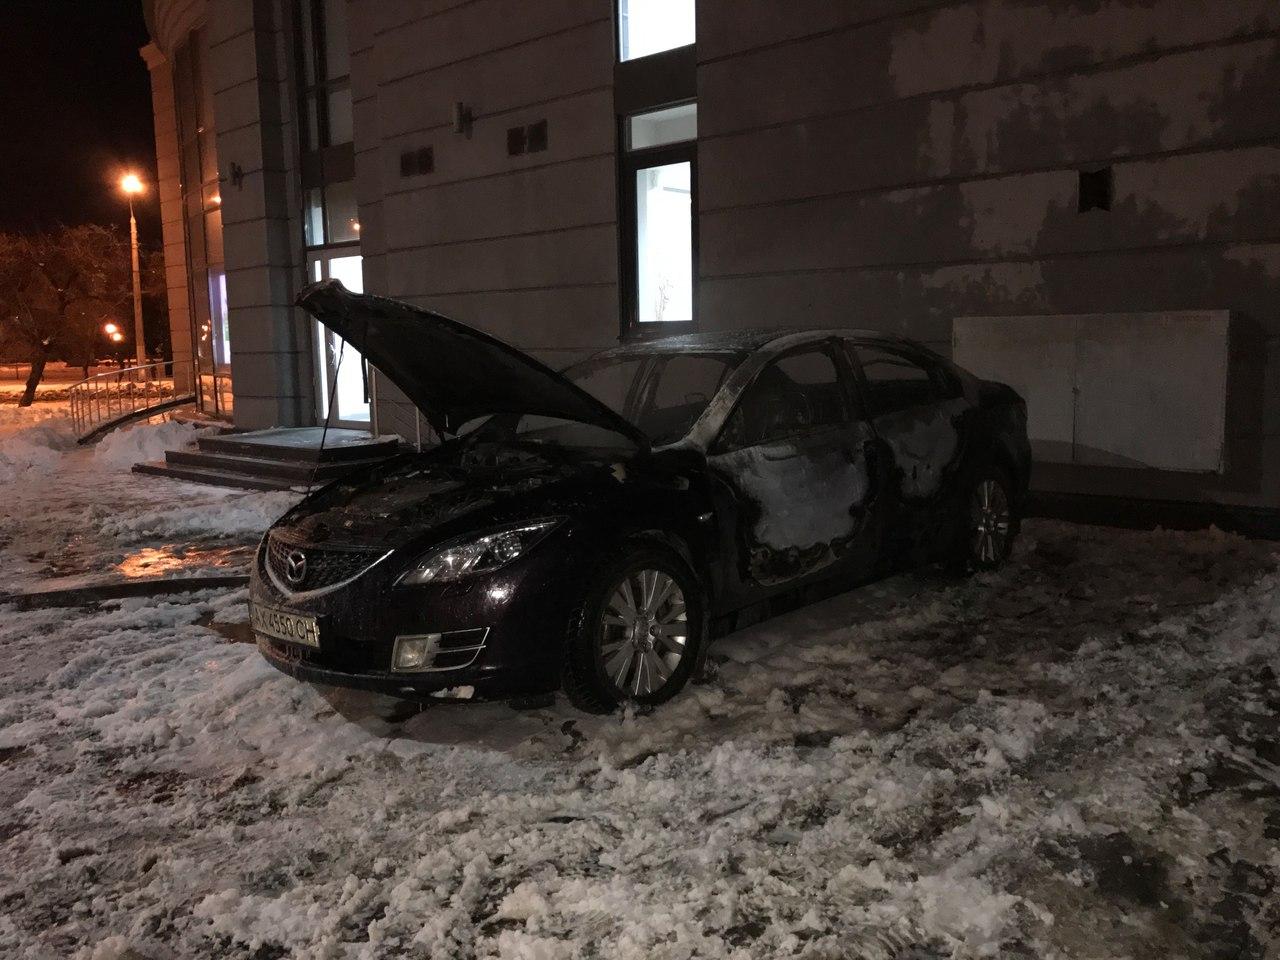 Харьковчане вычислили, кто жжет их машины (ФОТО)